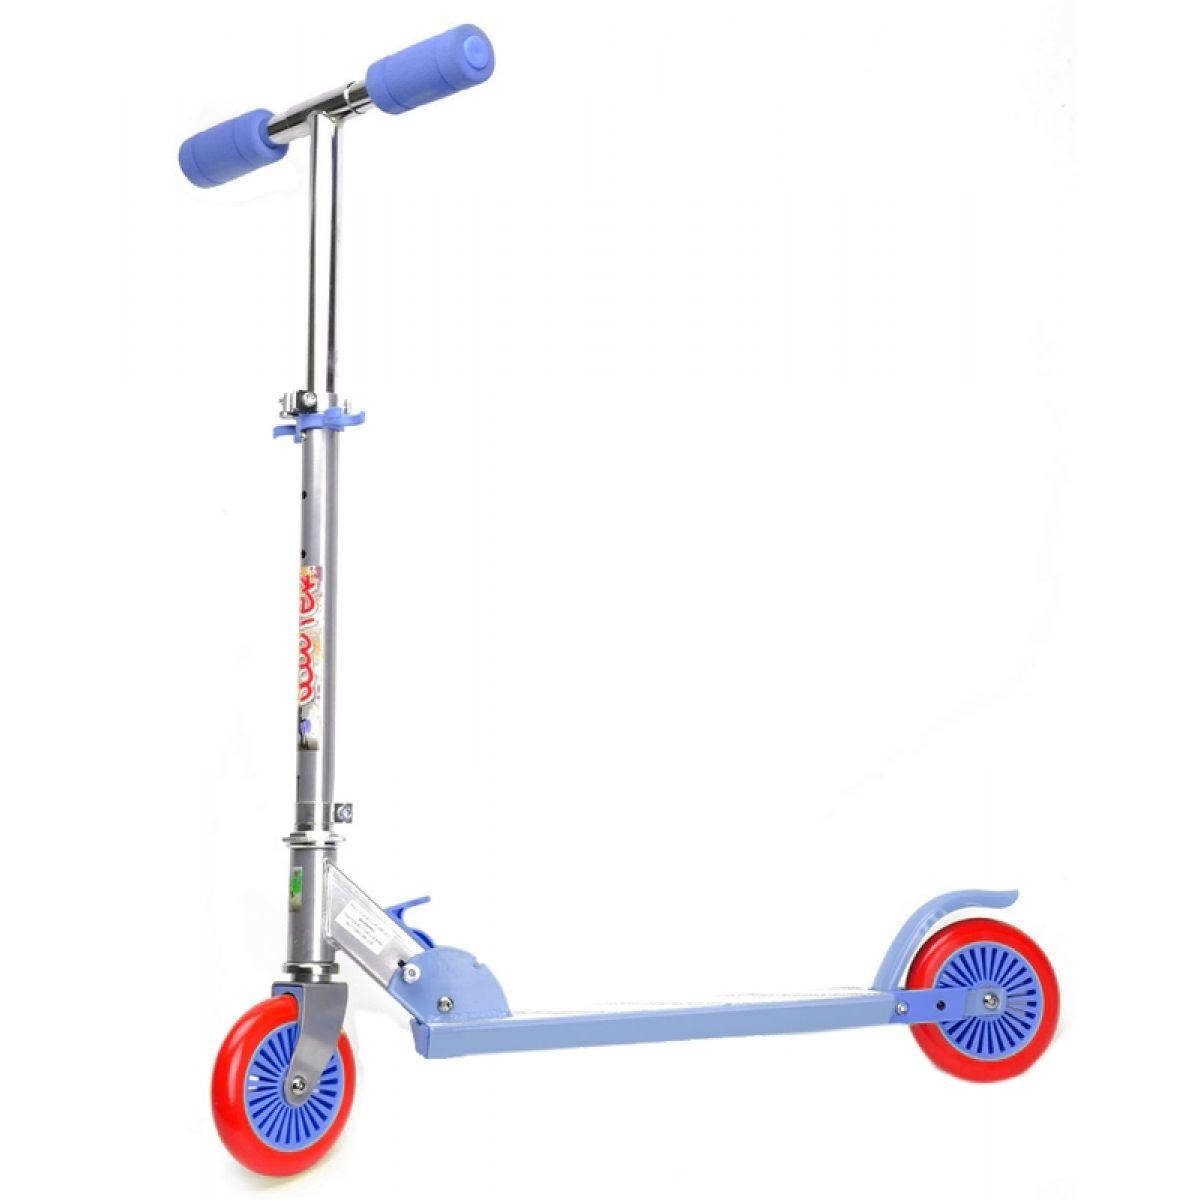 Koloběžka Scooter 32 x 70 x 66 cm - Modrá